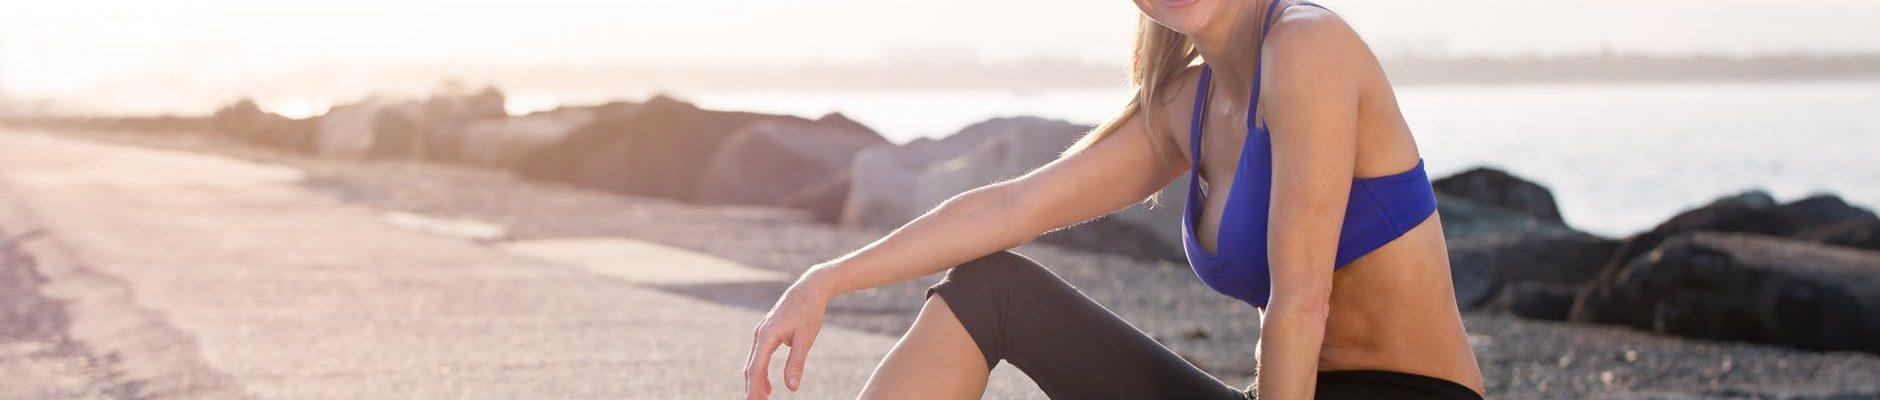 Evo kako emocije utječu na gubitak kilograma!, Evo kako emocije utječu na gubitak kilograma!Moćni shake za sagorjevanje masnoća! (RECEPT)